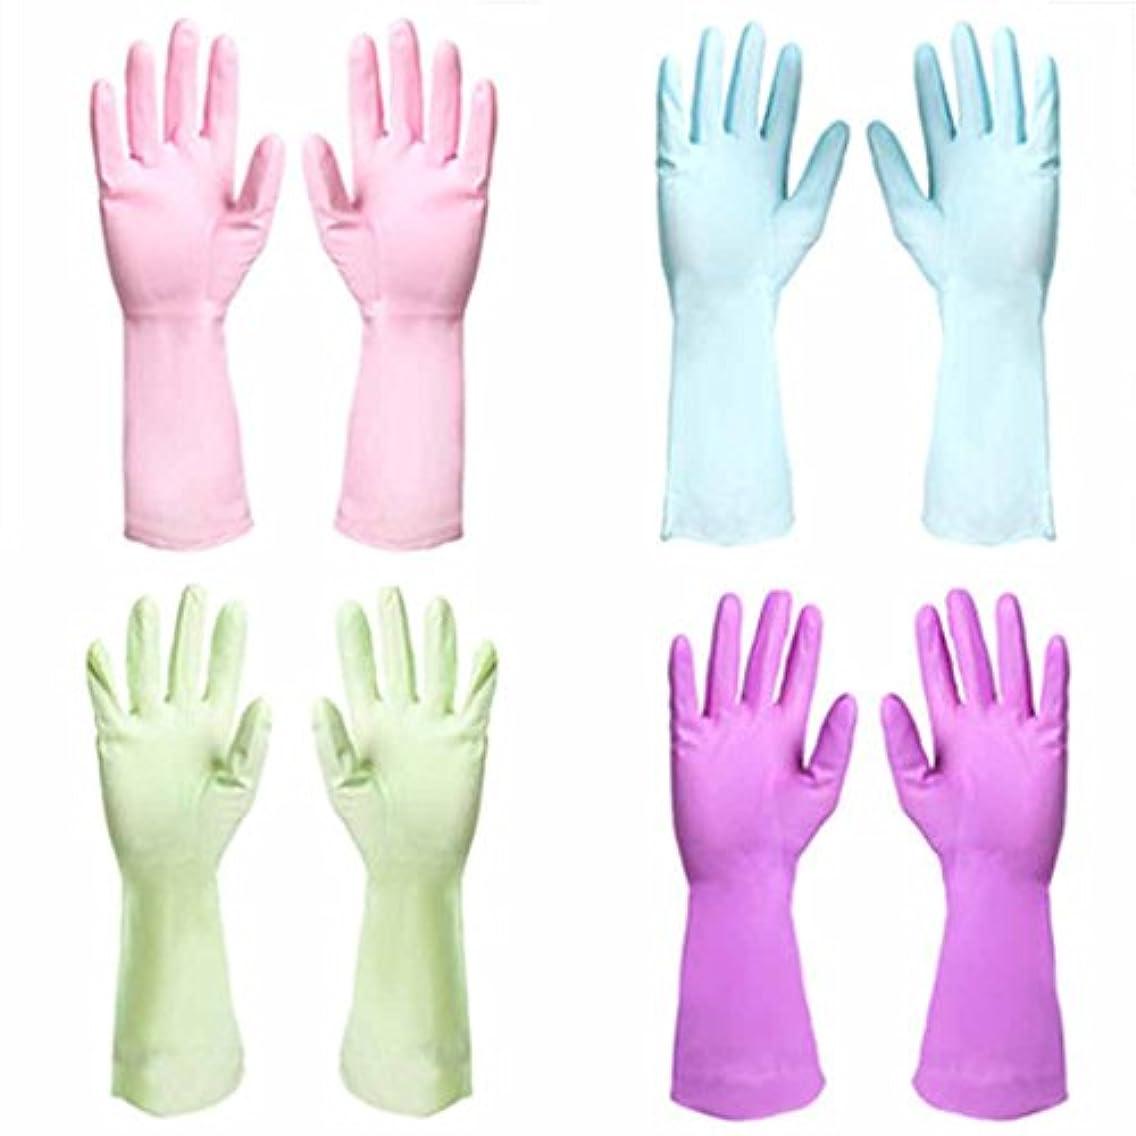 認識ずんぐりした六使い捨て手袋 PVC防水性と耐久性の手袋キッチン油耐性汚れ手袋